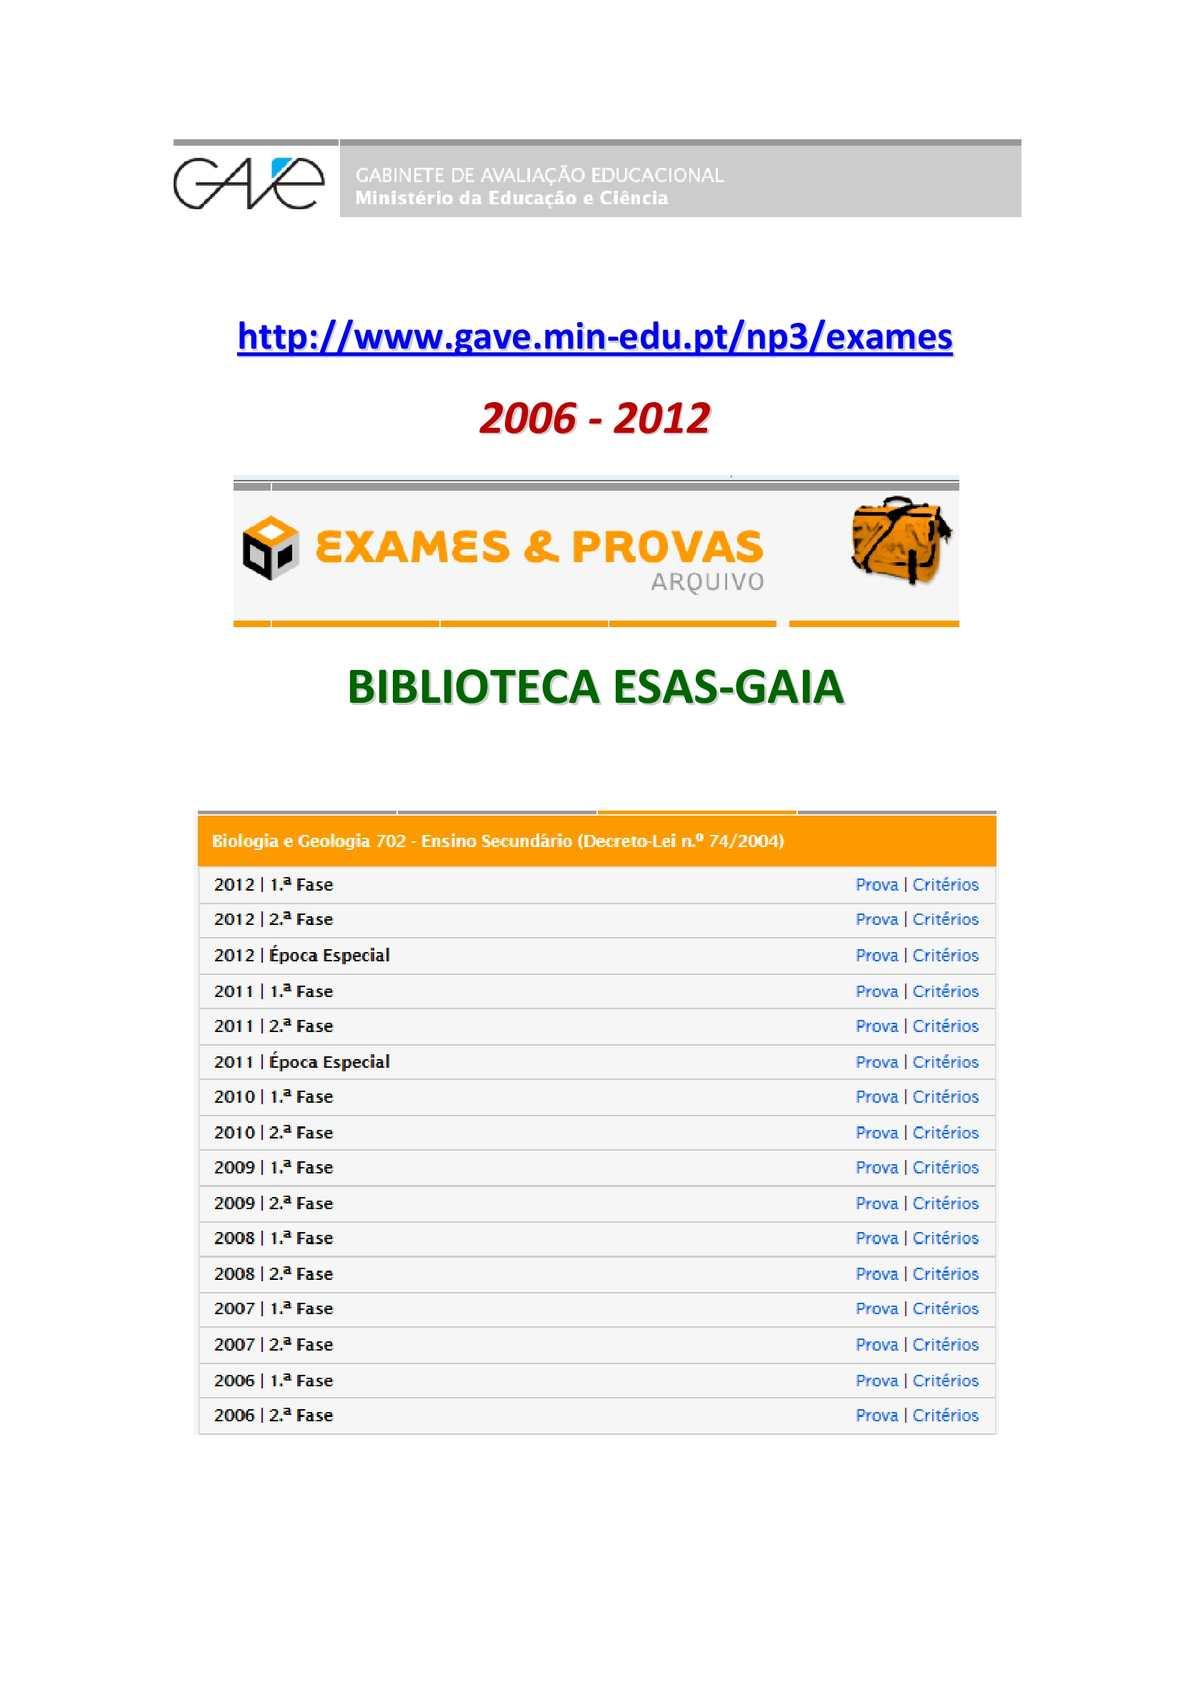 Exames Nacionais de BIOLOGIA E GEOLOGIA - enunciados e critérios - 2006/12